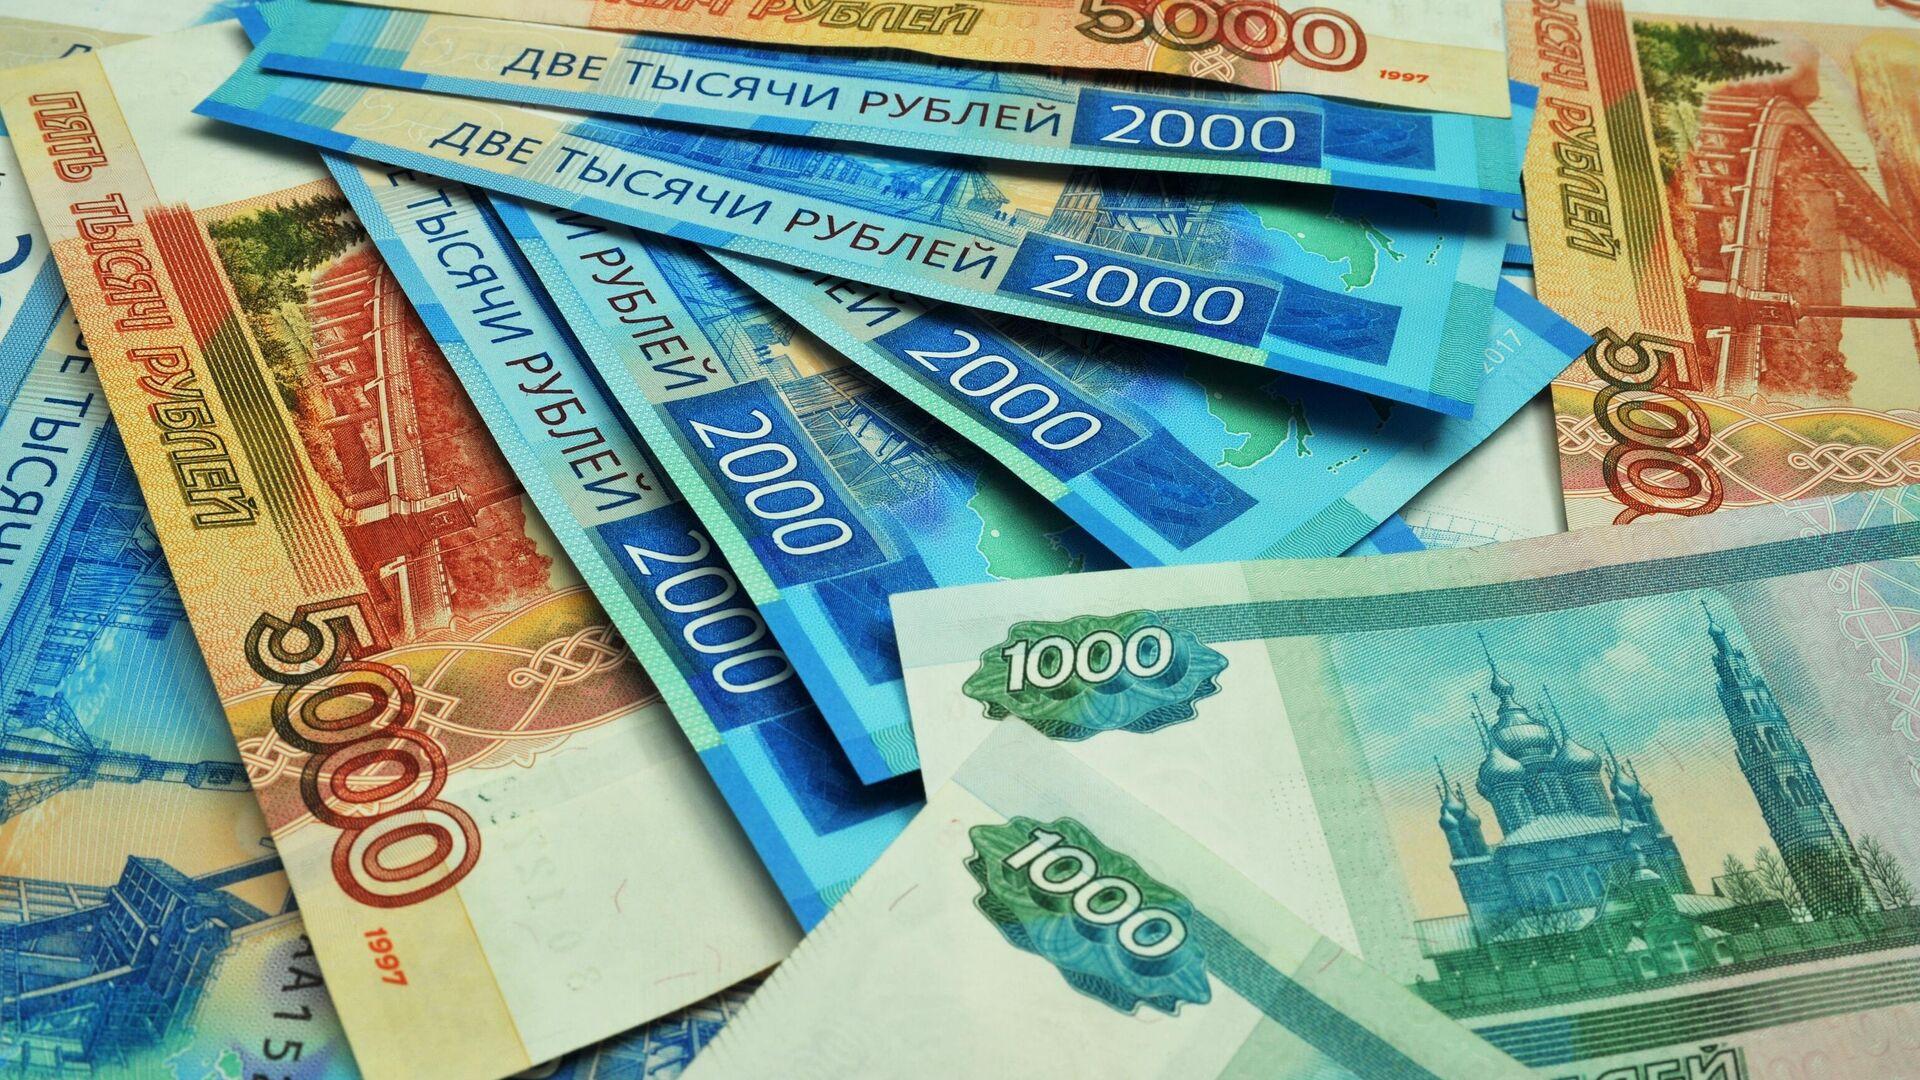 Банкноты номиналом 1000, 2000 и 5000 рублей - РИА Новости, 1920, 11.12.2020